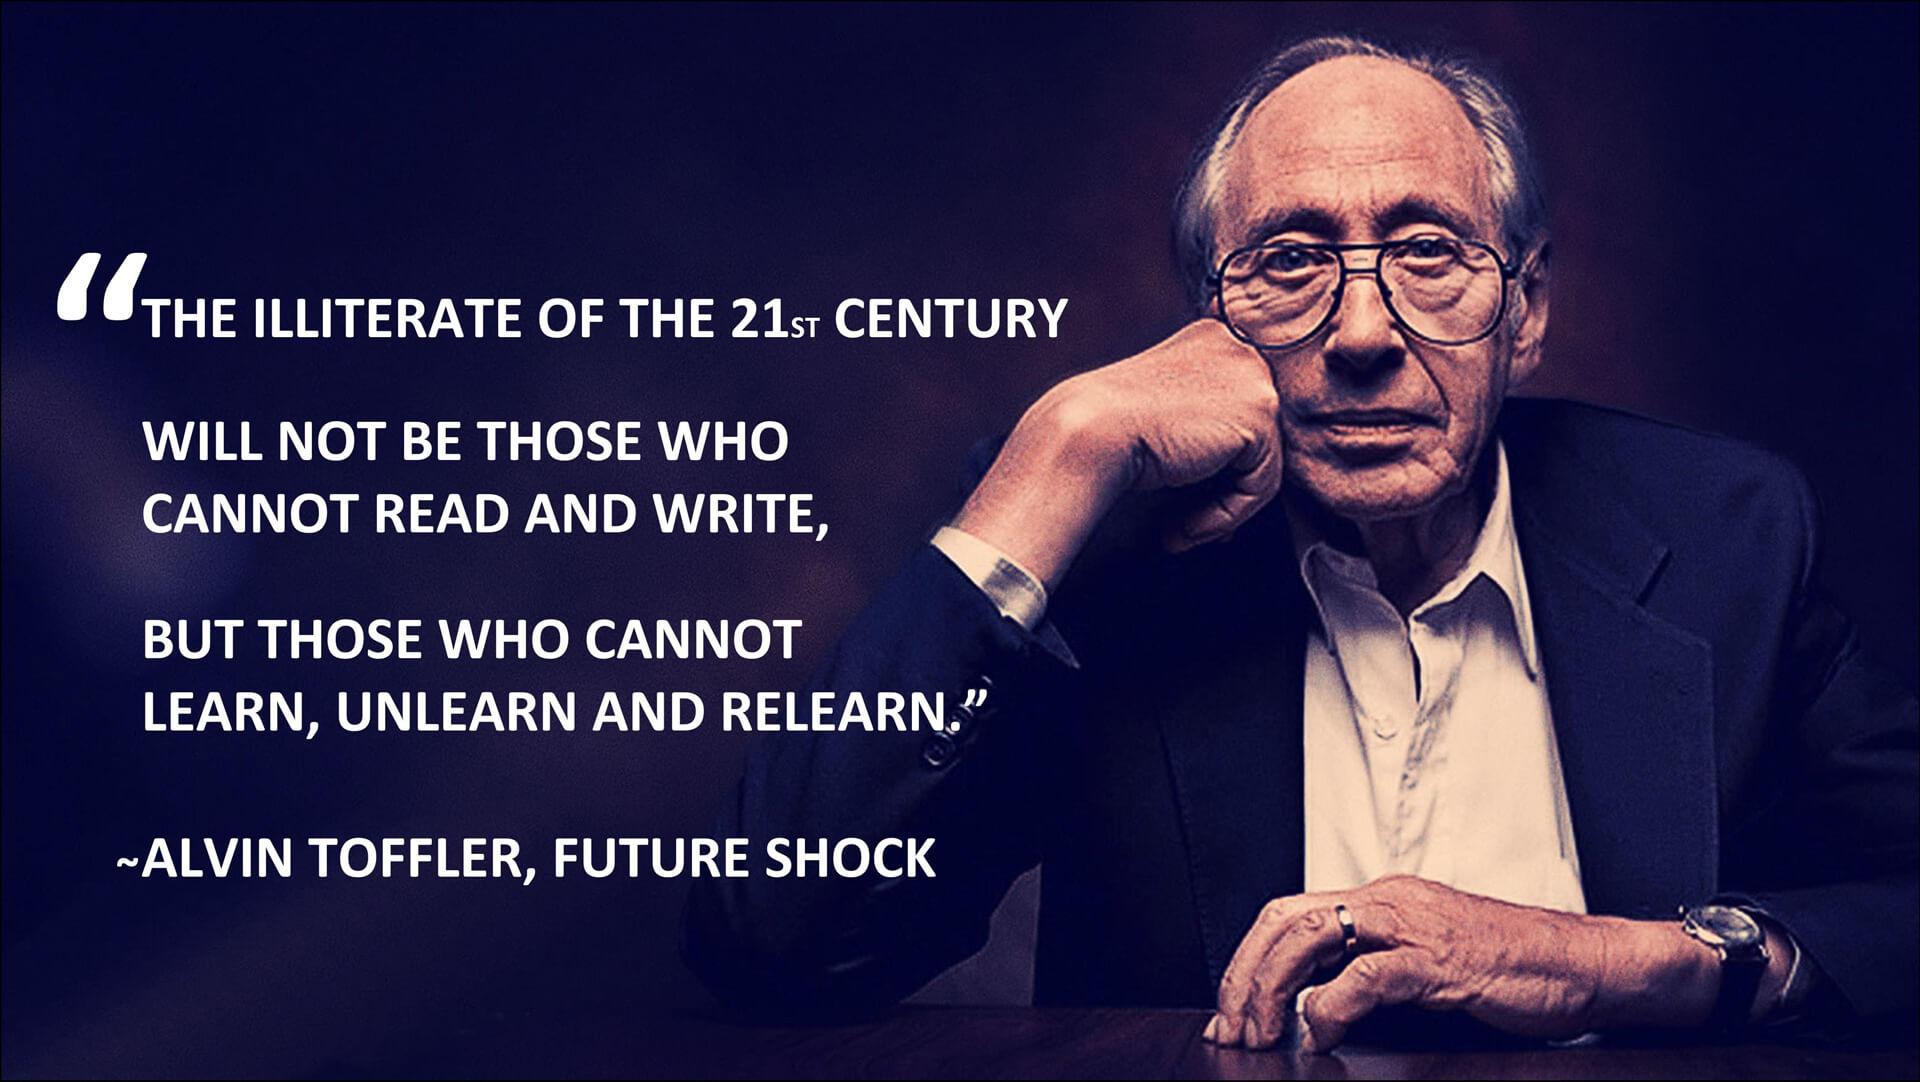 Alvin_Toffler_Future Shock_Quote_Illiterate_Igor_Beuker